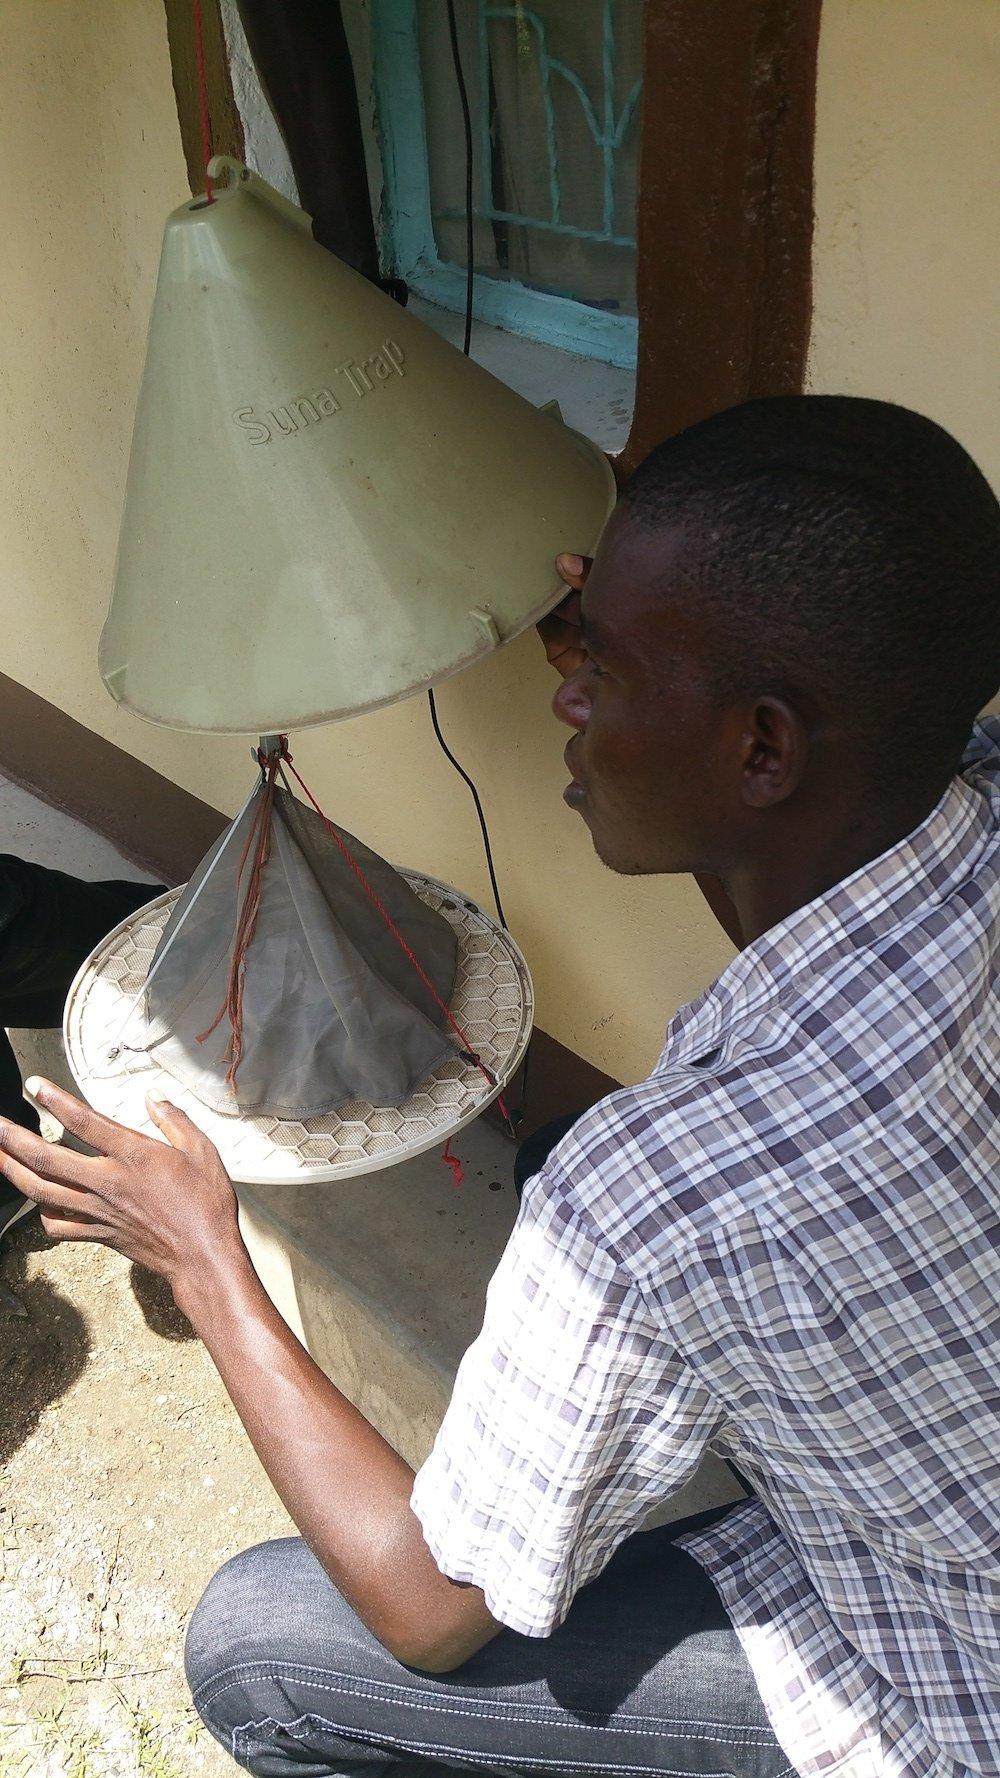 Duftstoffe in der Solar-Moskitofalleziehen Mosquitos an. Ein Luftstrom saugt die Insekten in die Falle.